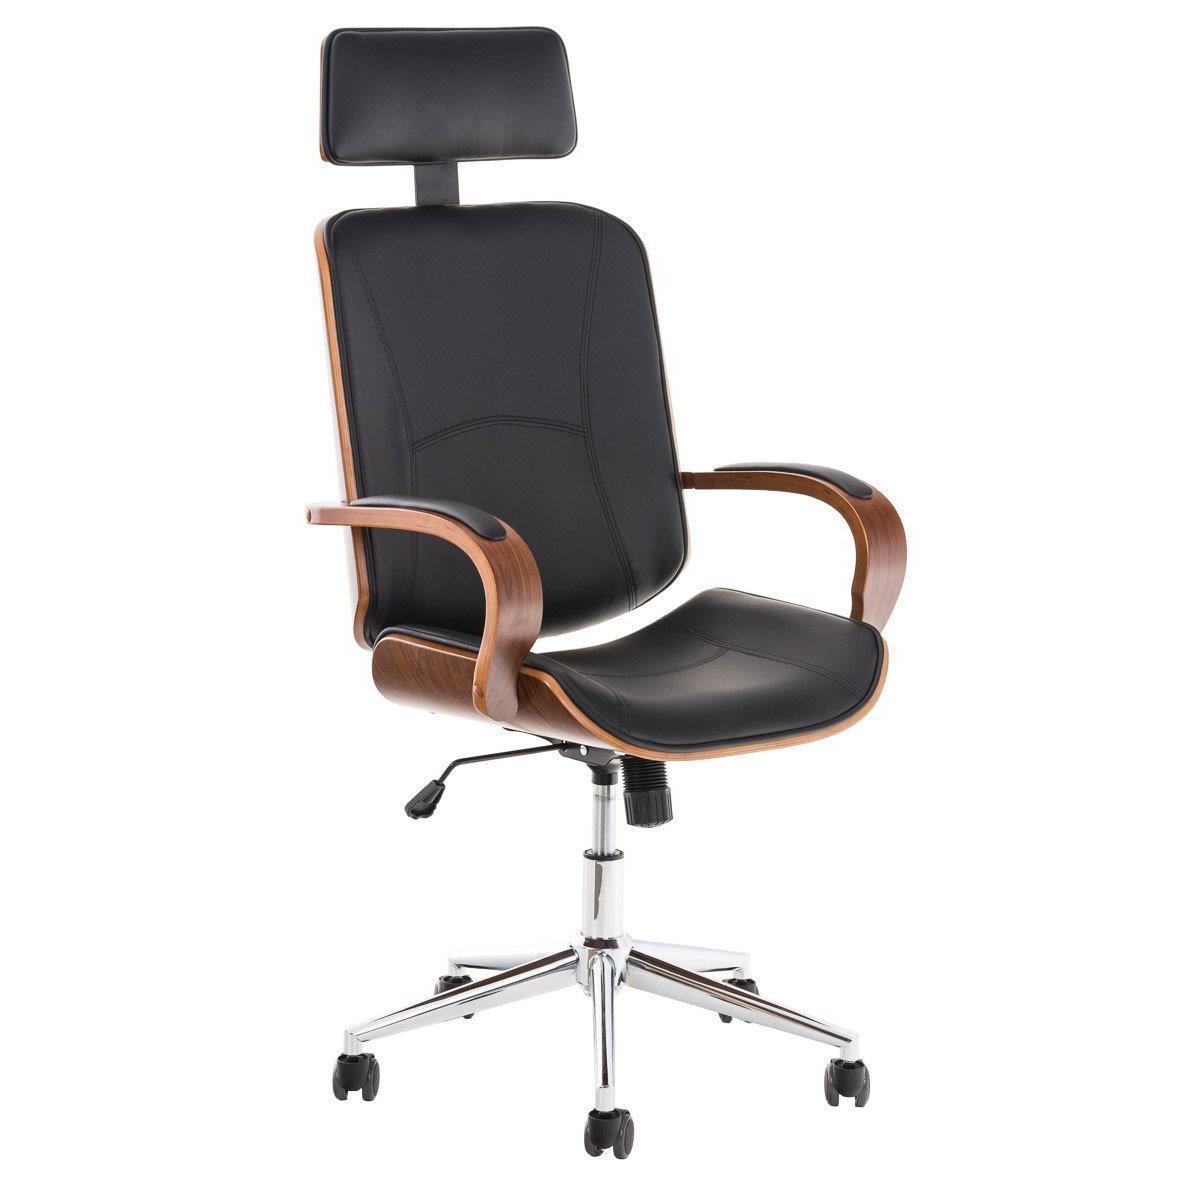 sedia da ufficio jutta design unico in legno e pelle